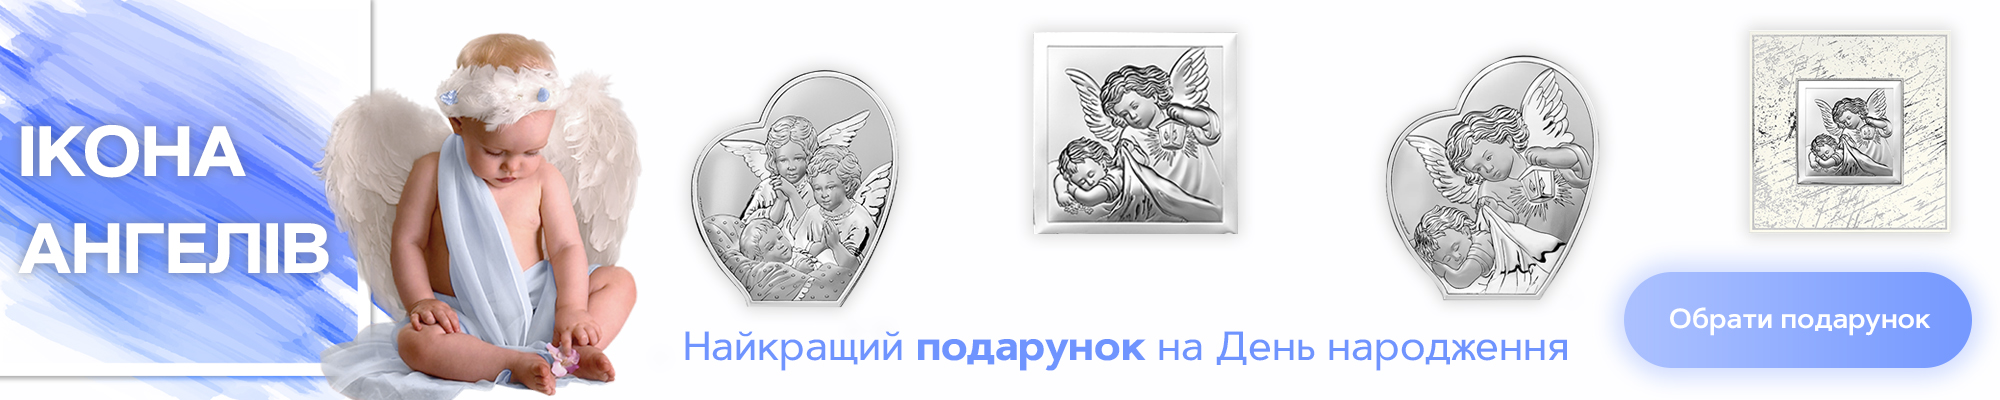 День народження Ікона ангелів